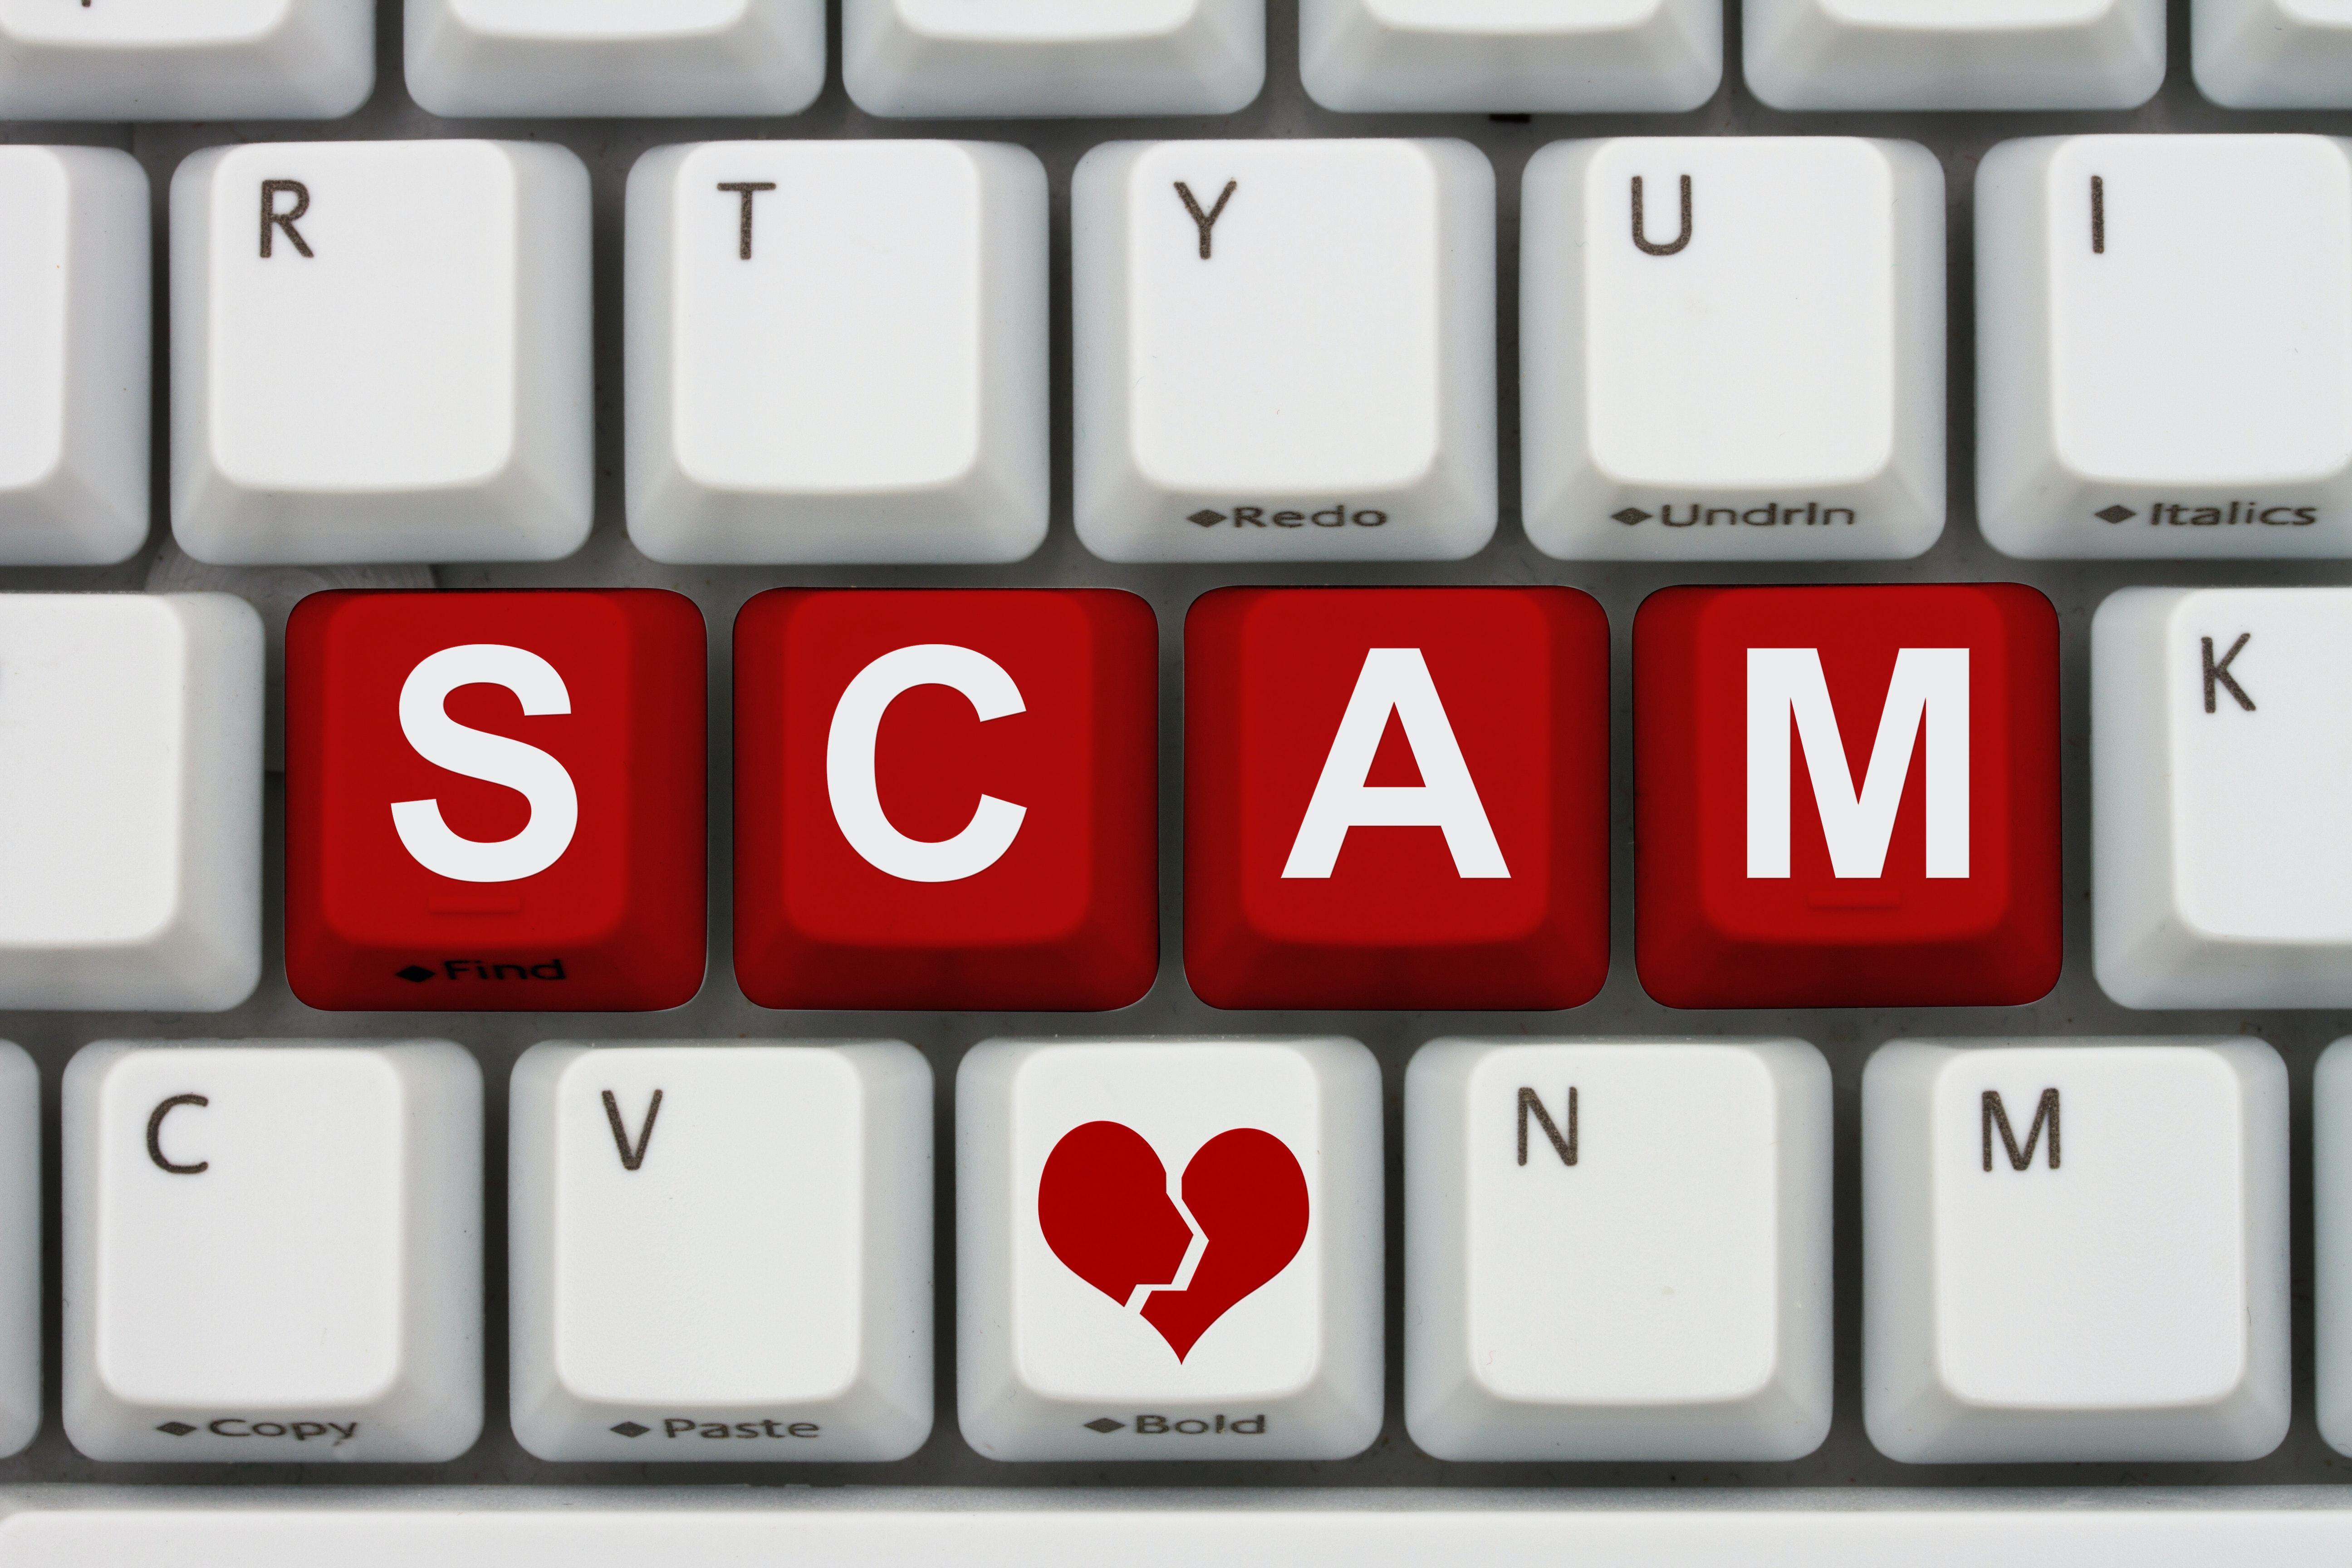 Match dot com scams